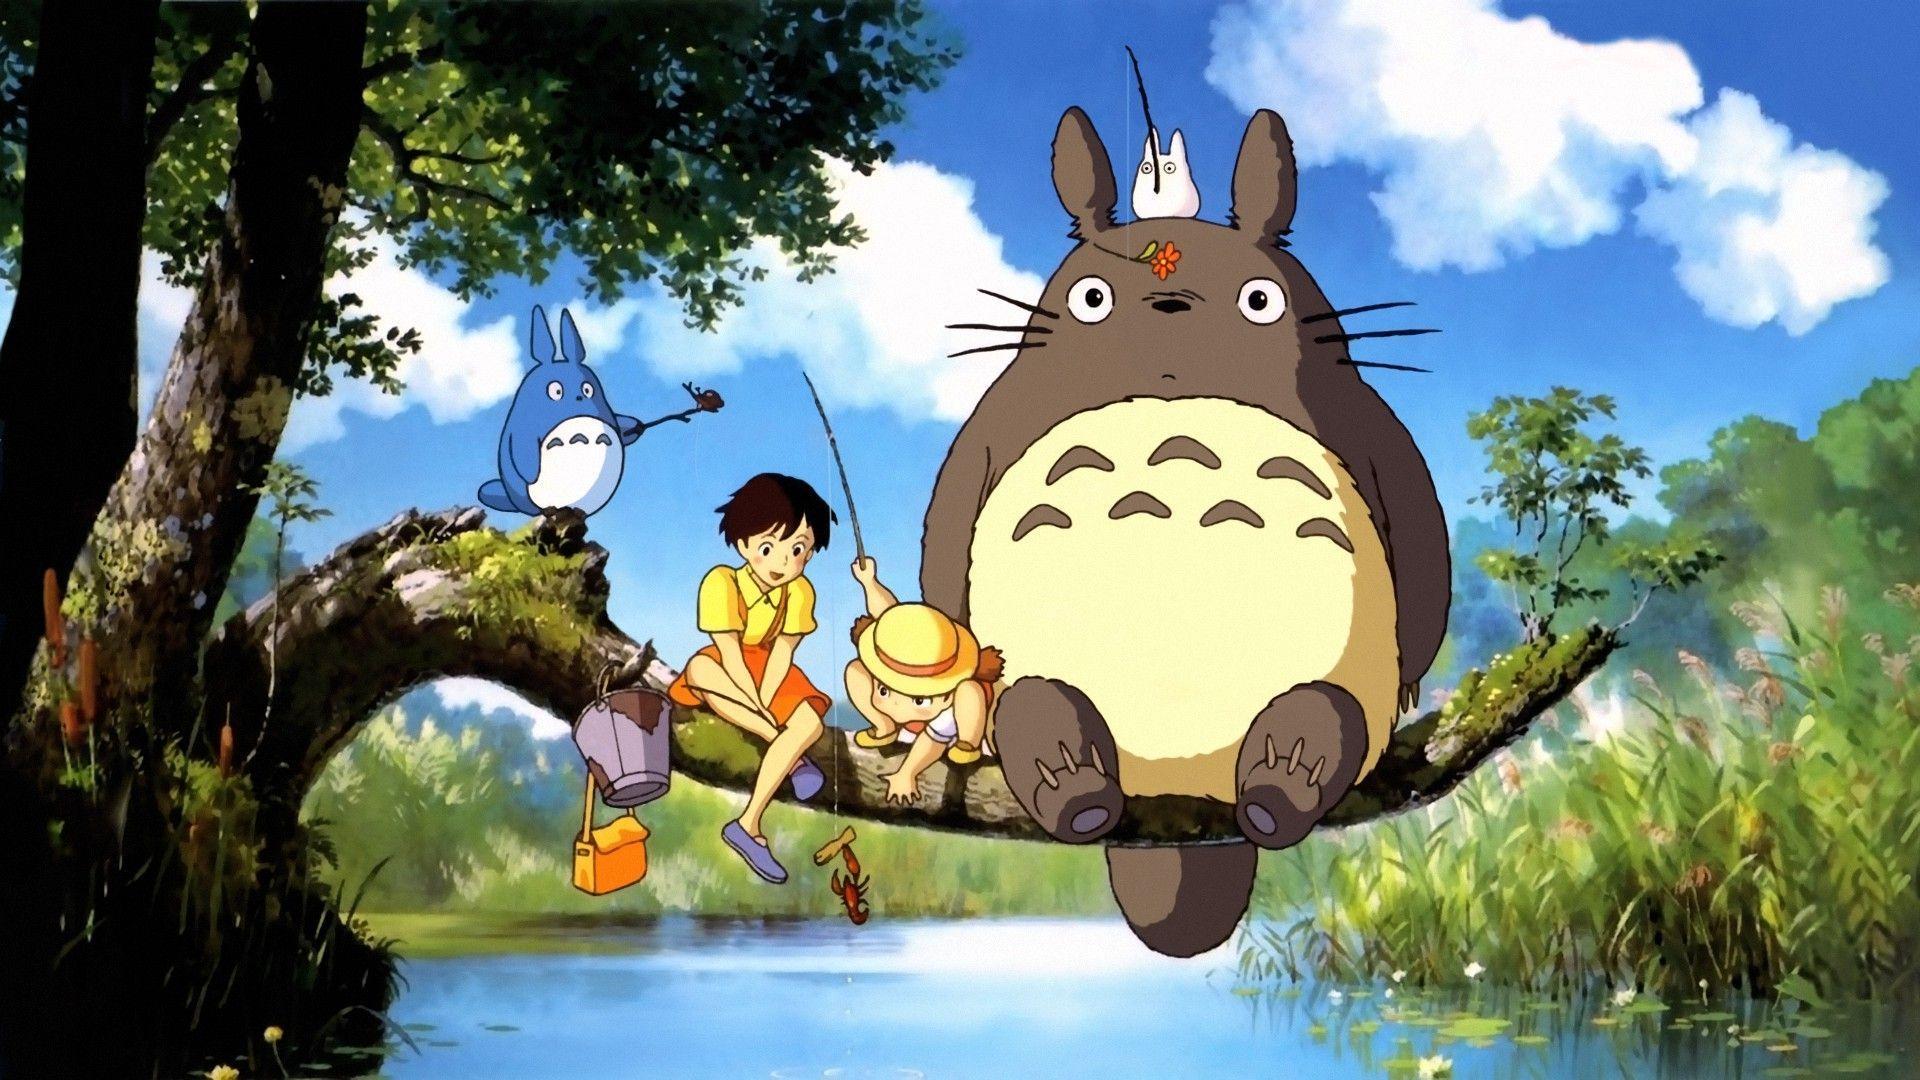 My Neighbor Totoro Totoro movie, Totoro, My neighbor totoro